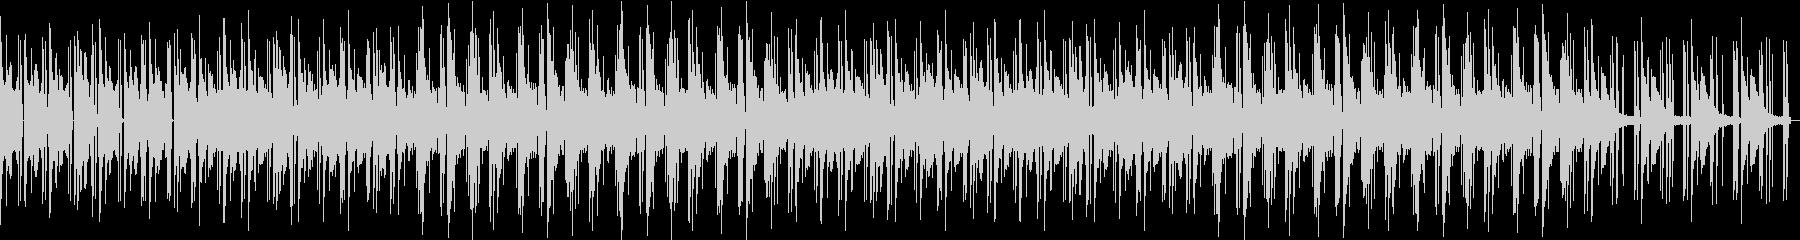 ノスタルジックなチルピアノローファイの未再生の波形